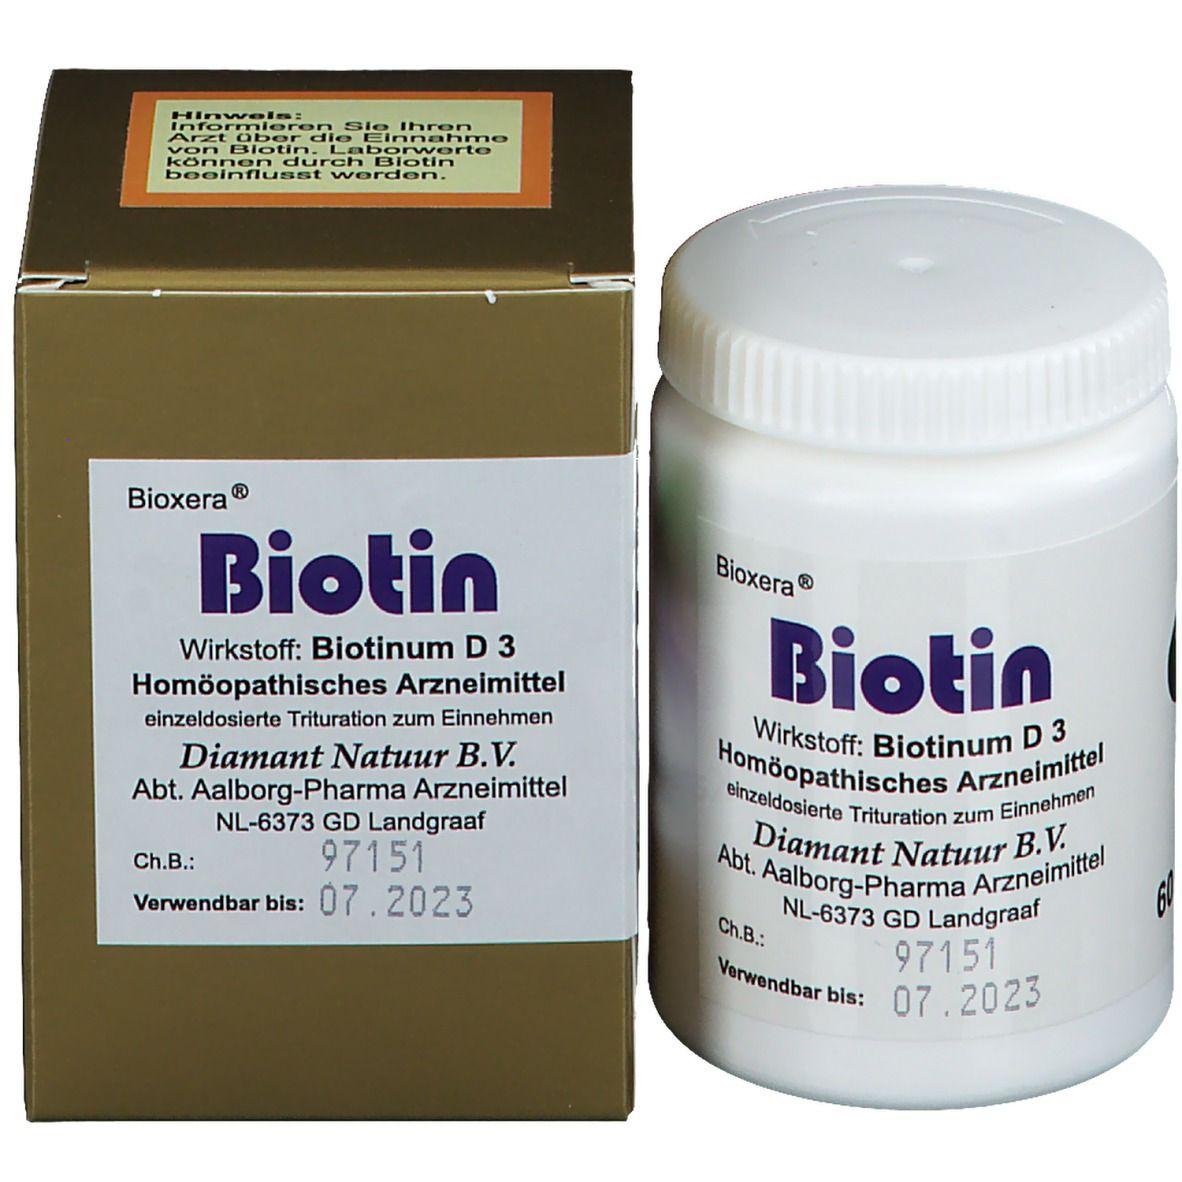 Bioxera® Biotin